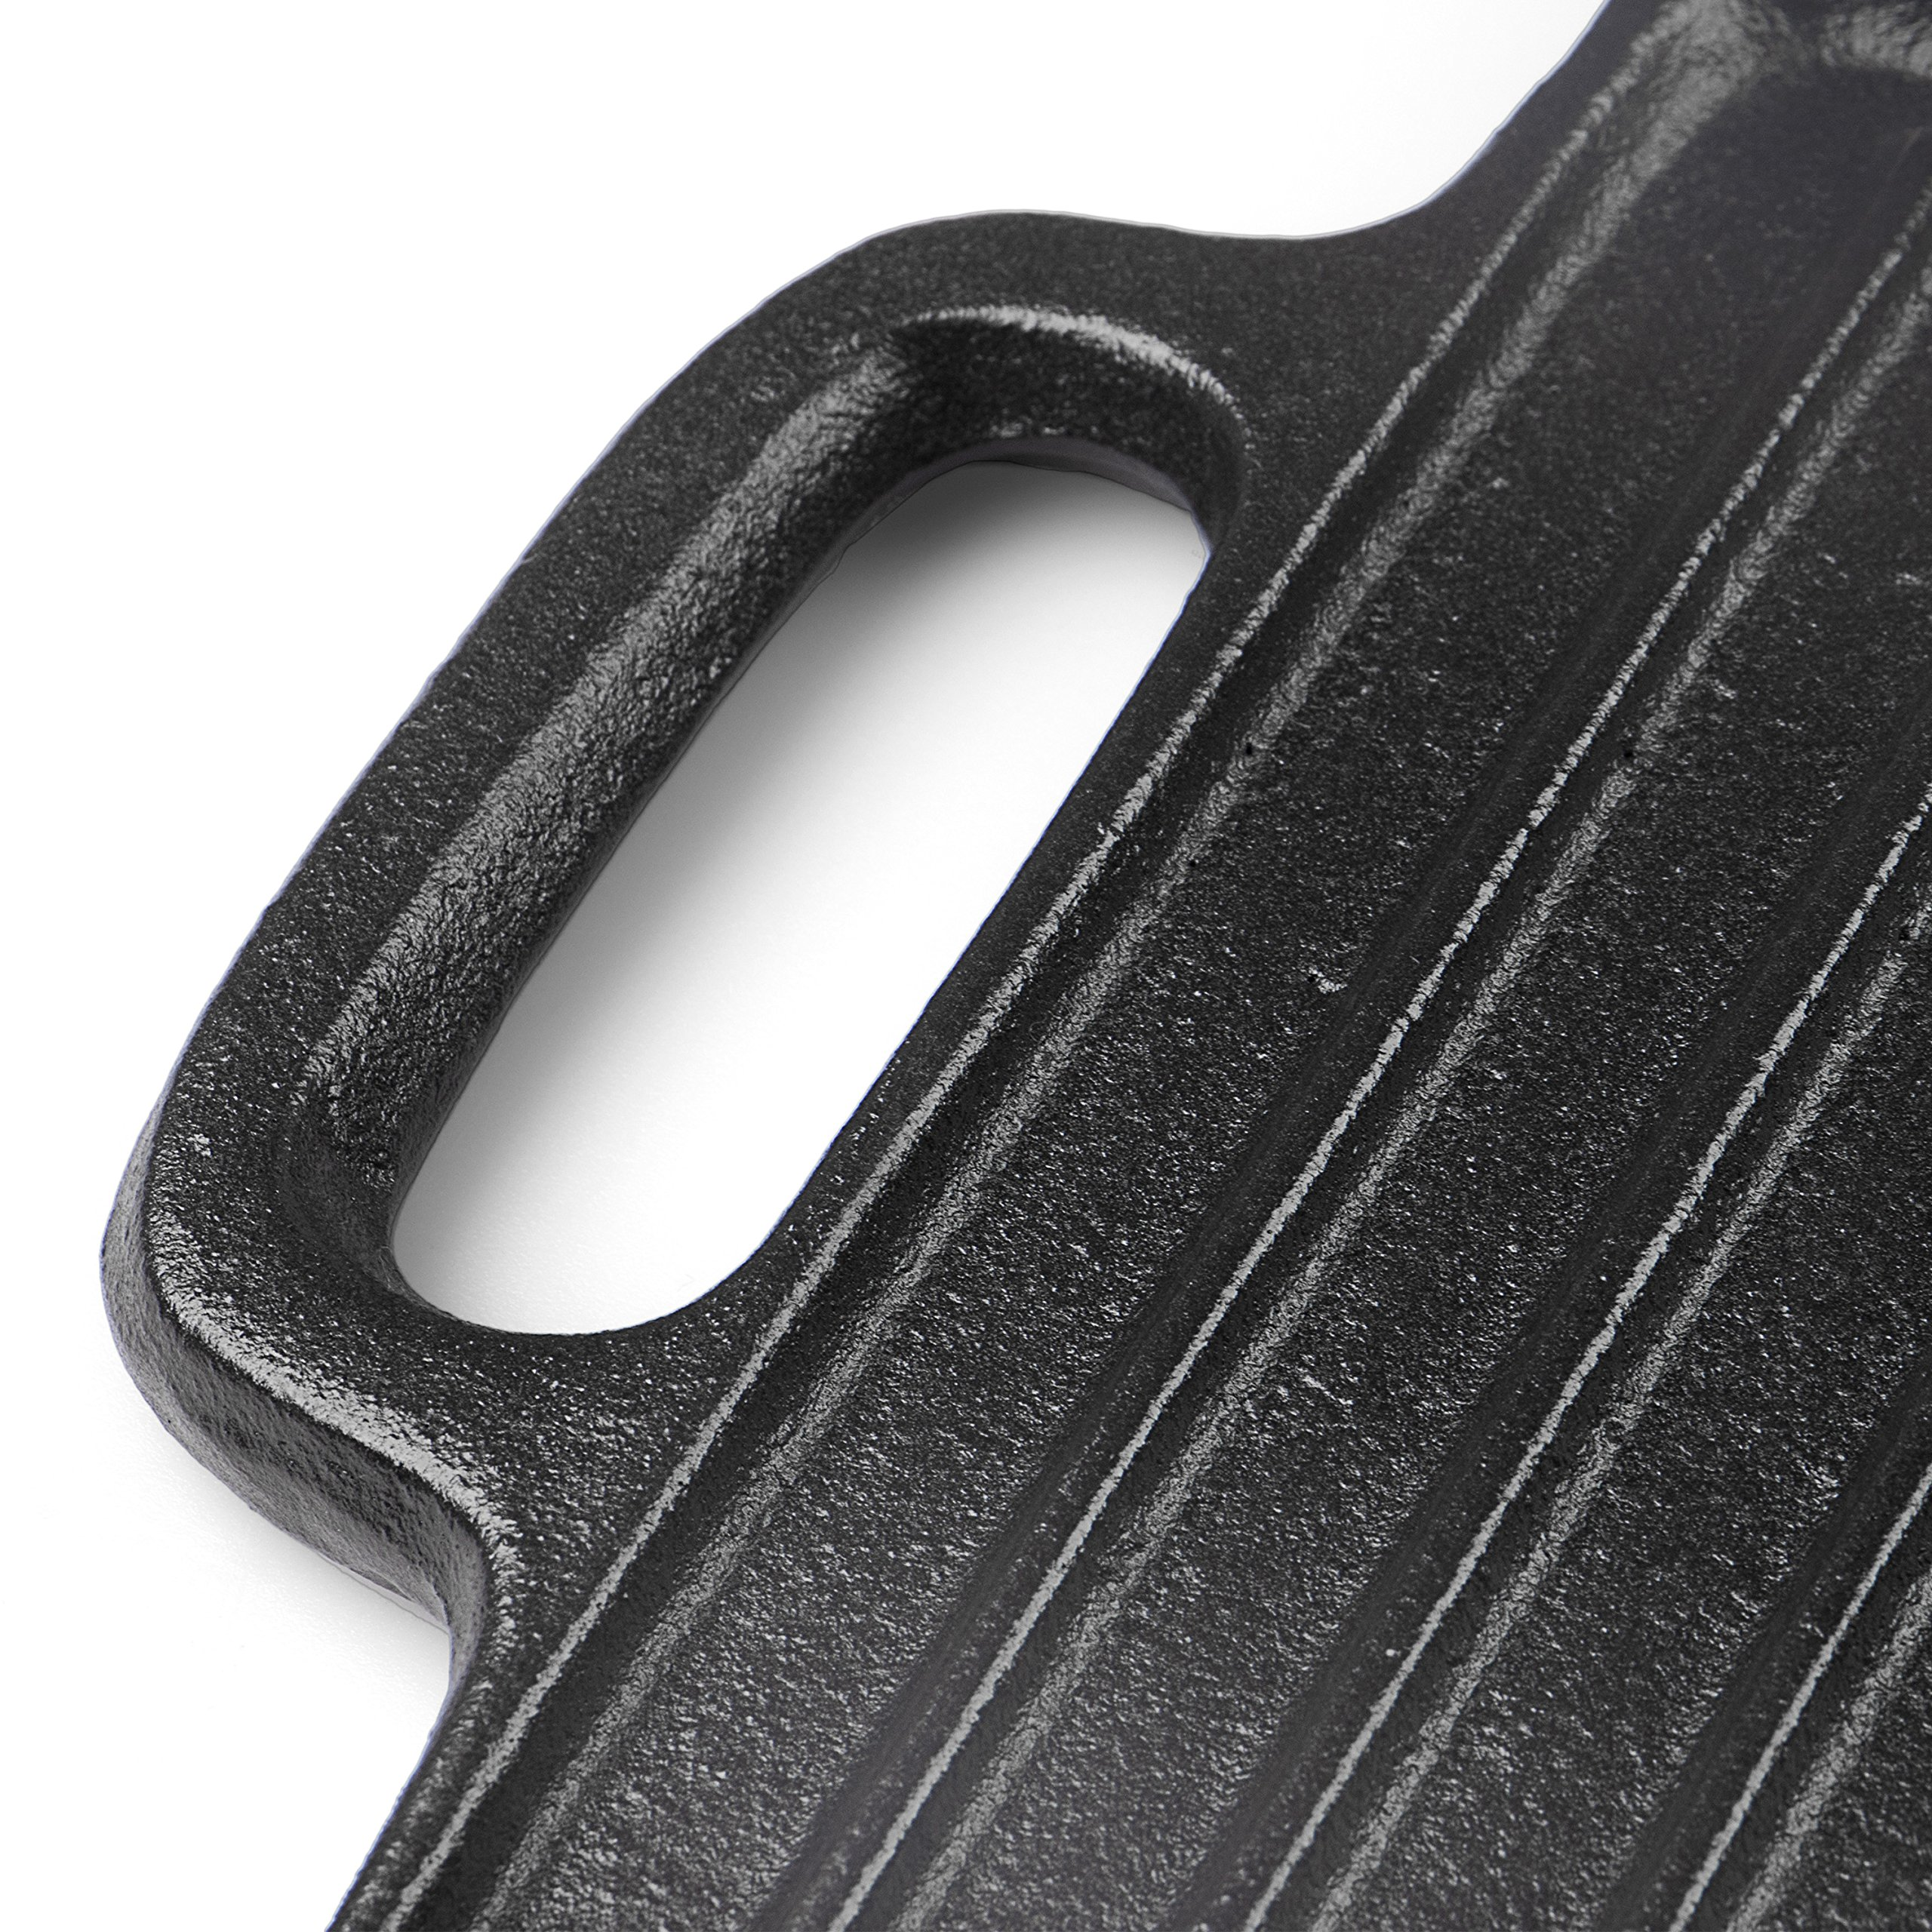 Rustler Gusseisen Grillplatte Mit 2 Griffen Und Emaille Beschichtung